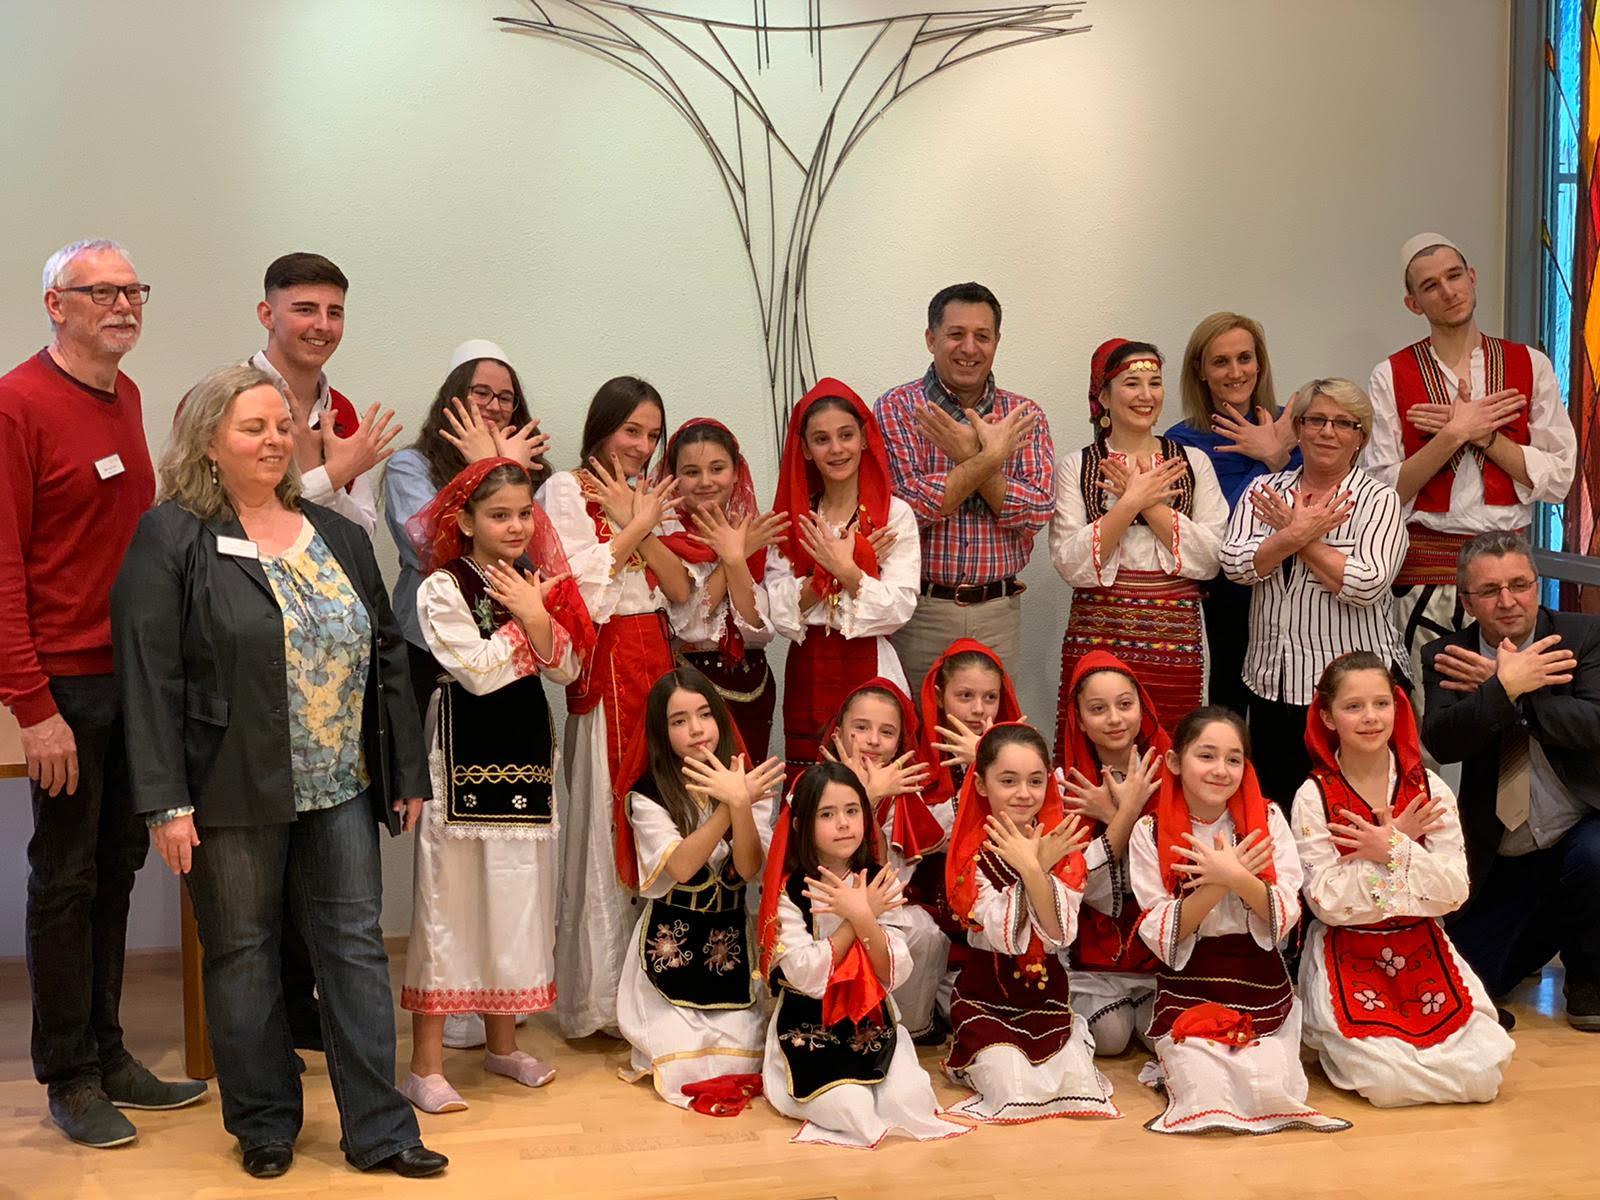 Shoqata  Yjet e Kosovës  në Emmendingen të Gjermanisë shënon pavarësinë e Kosovës